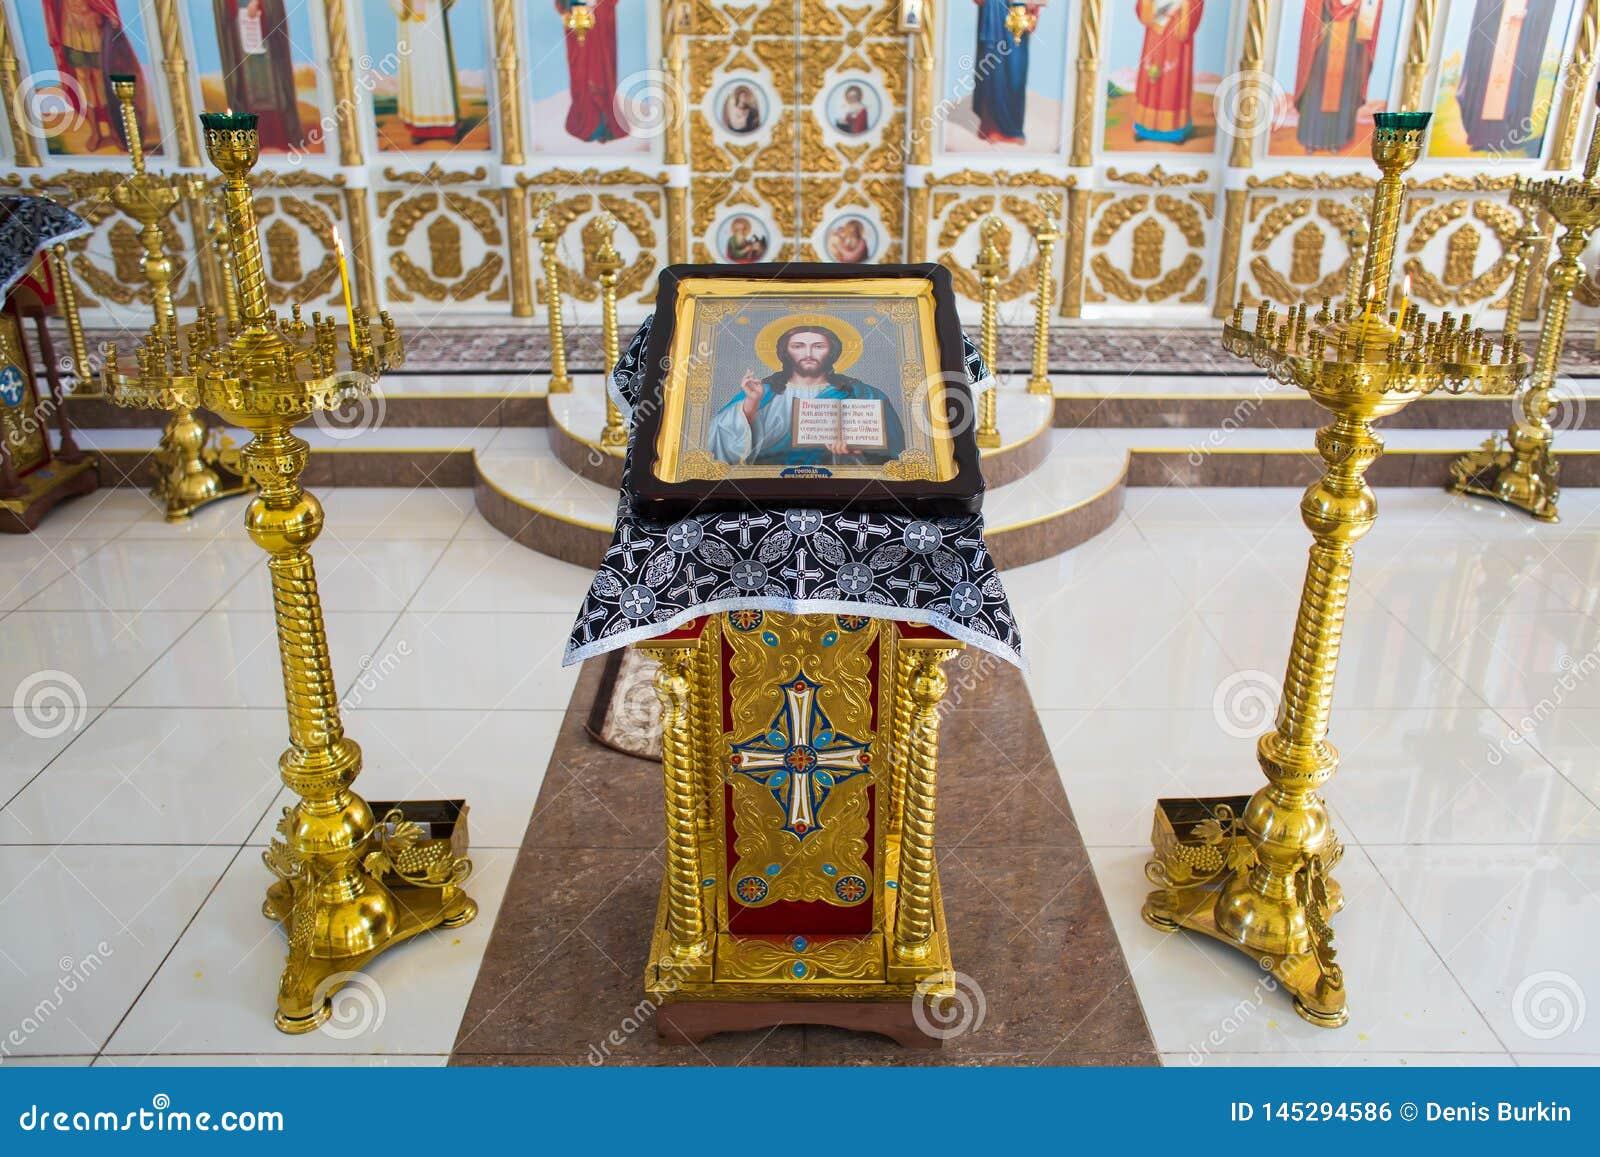 E значок Иисуса Христа Всевышний на позолоченной стойке рядом с подсве